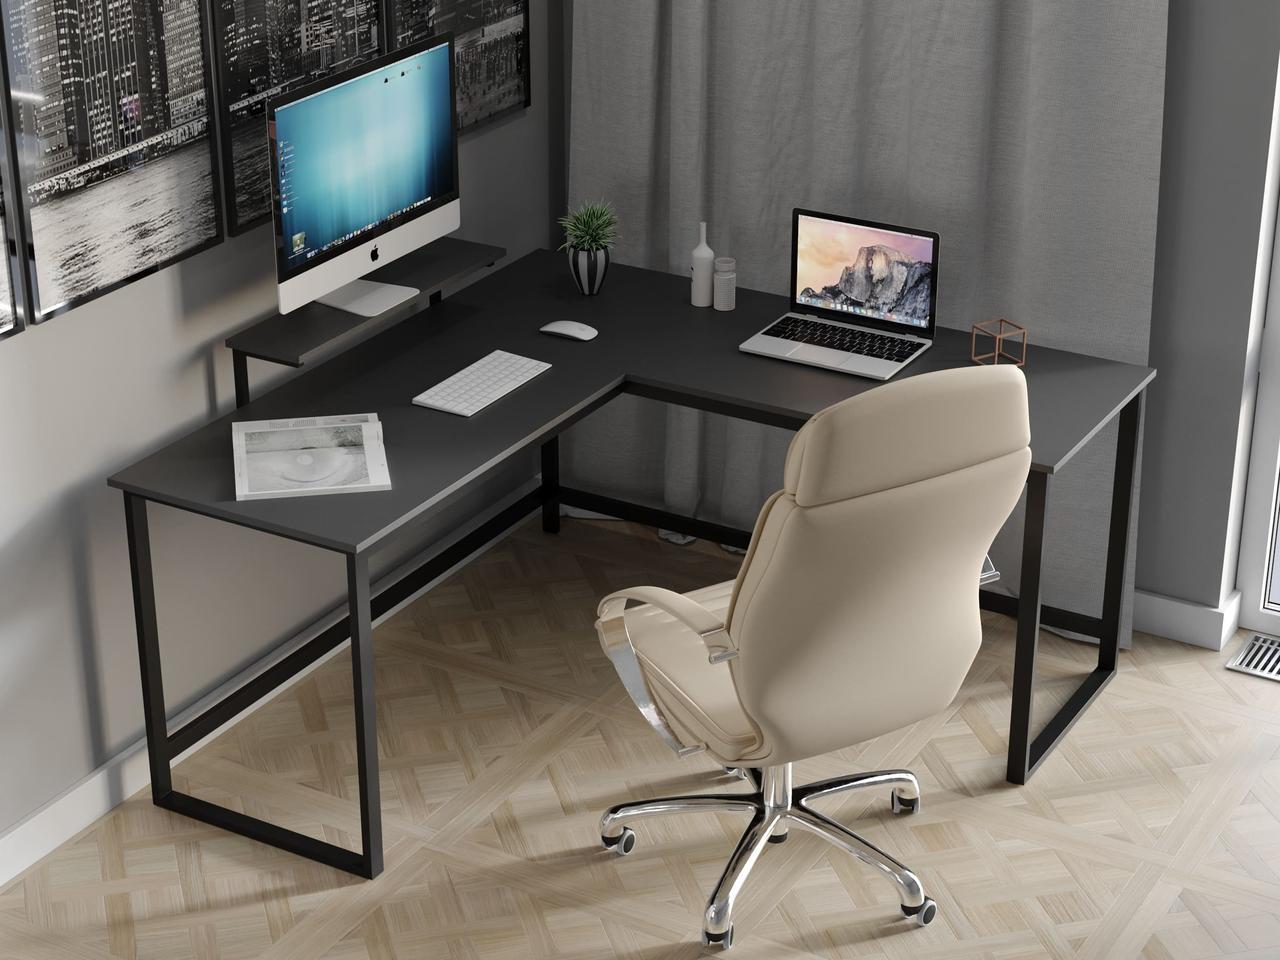 Комп'ютерний стіл лофтовый кутовий з ДСП Код: VZ-53